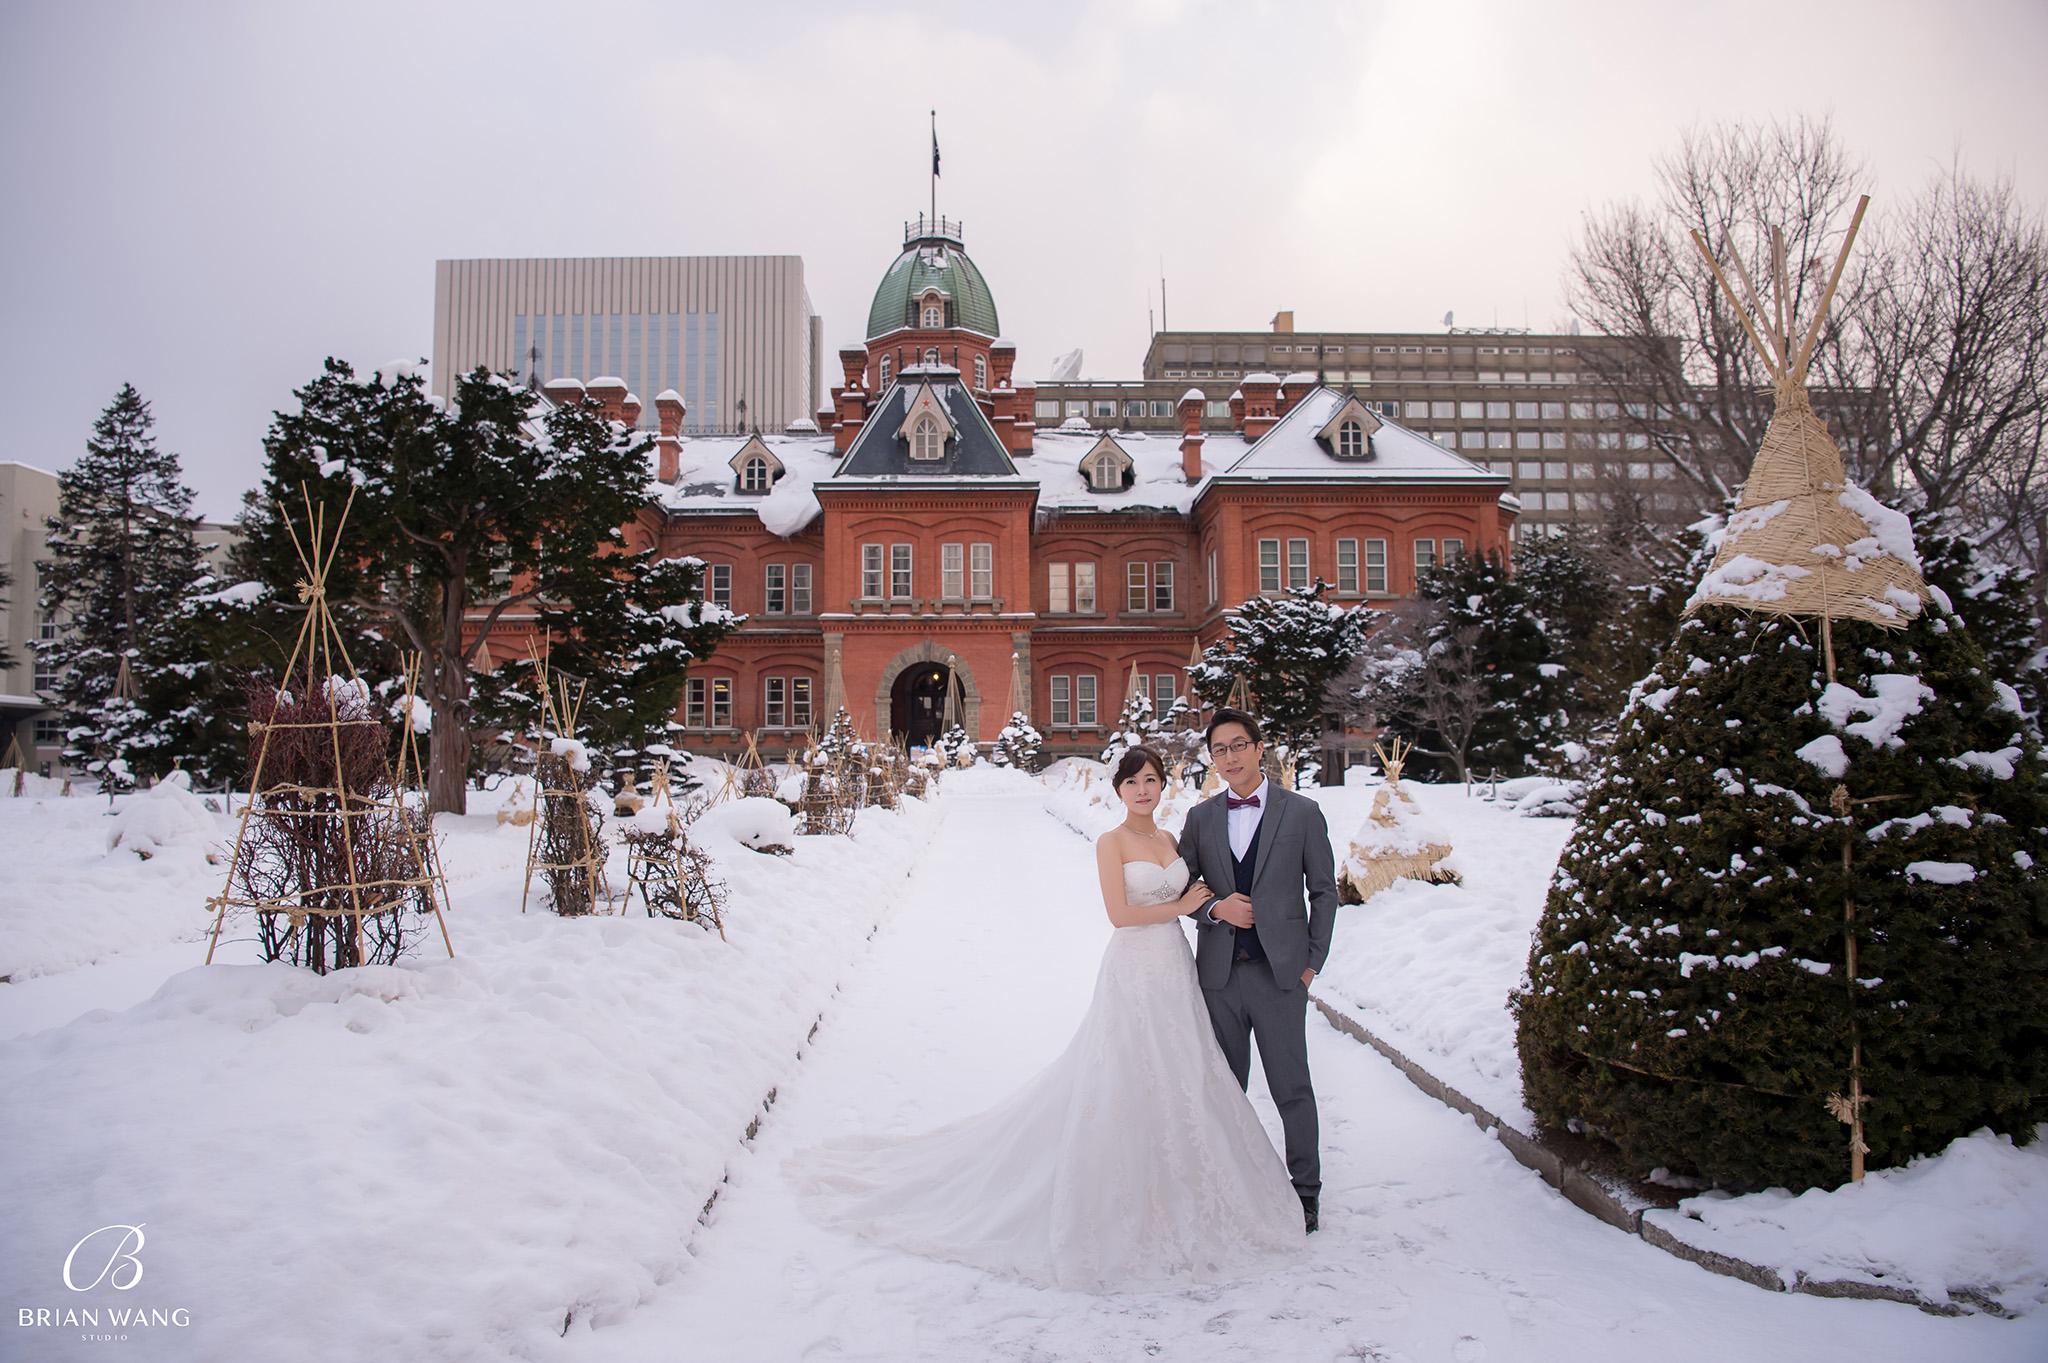 '北海道自助婚紗,北海道婚紗攝影,北海道雪景婚紗,海外婚紗價格,雪景婚紗,拍和服,北海道海外婚紗費用,伏見稻荷,札幌,2048BWS_6389'